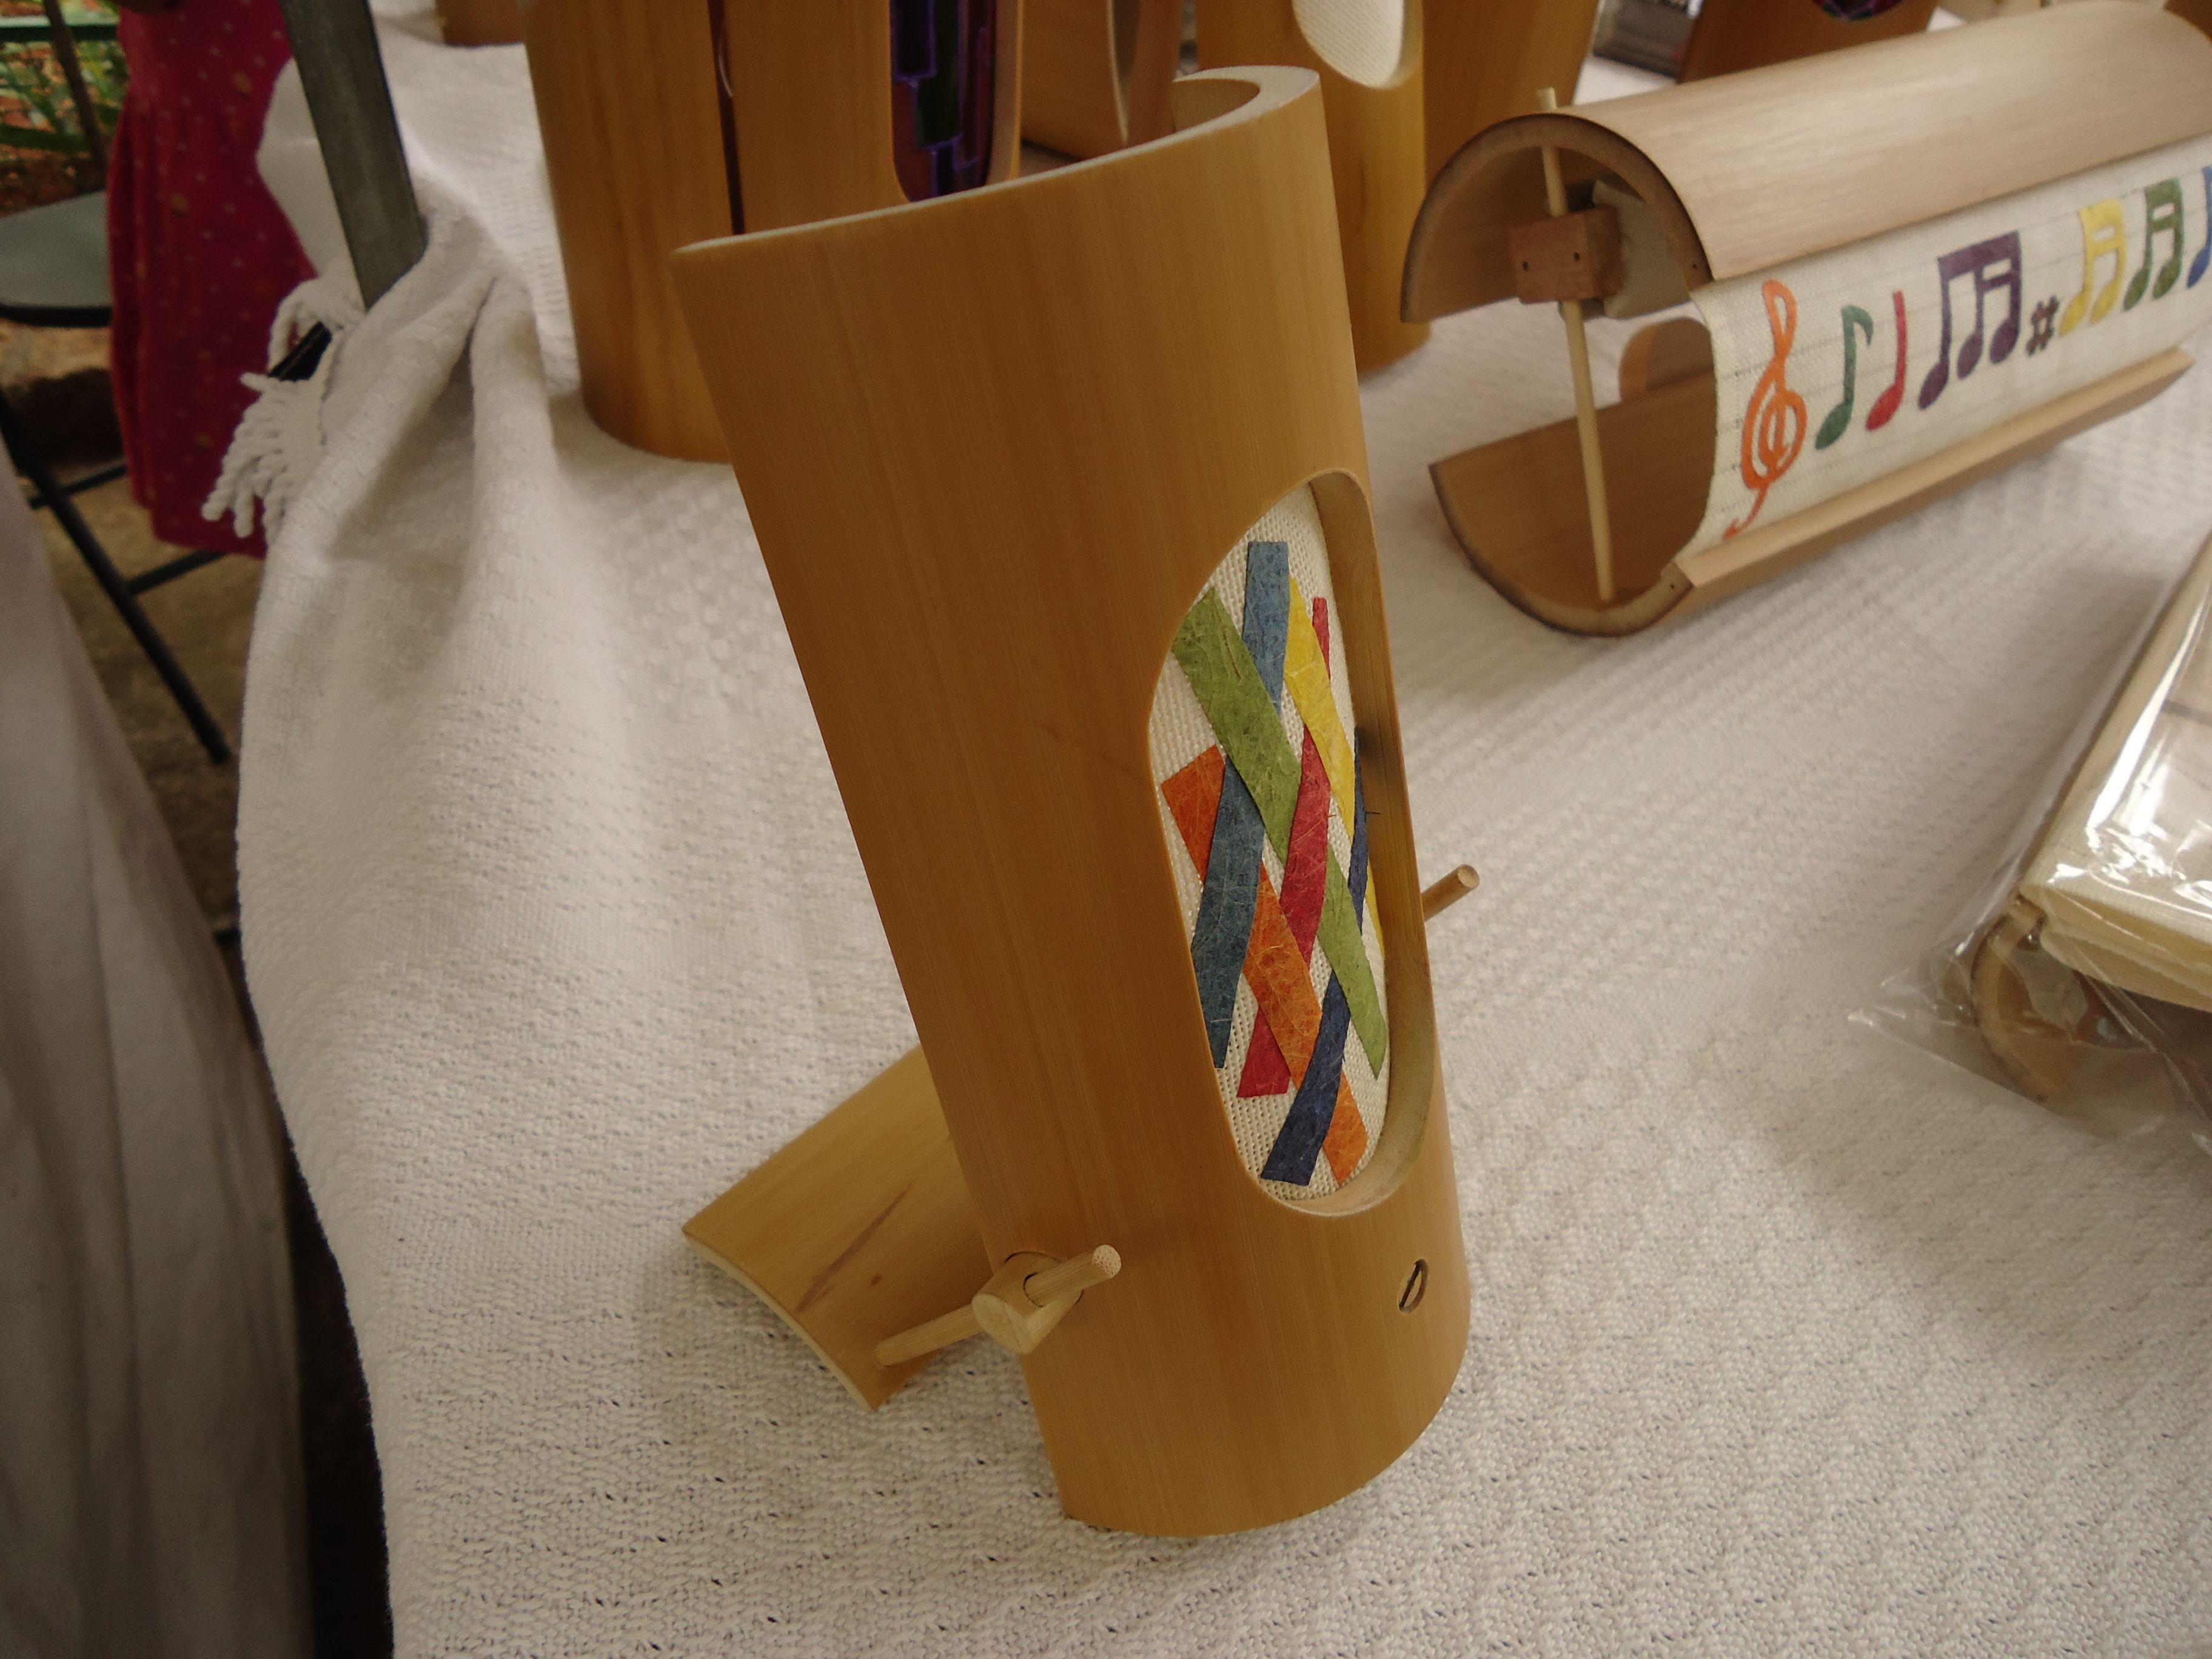 Artesanato Em Florianopolis Sc ~ Luminária MSL01 artesanal em bambu, com encaixes, canhamo e papel fibra banana Criaç u00e3o de